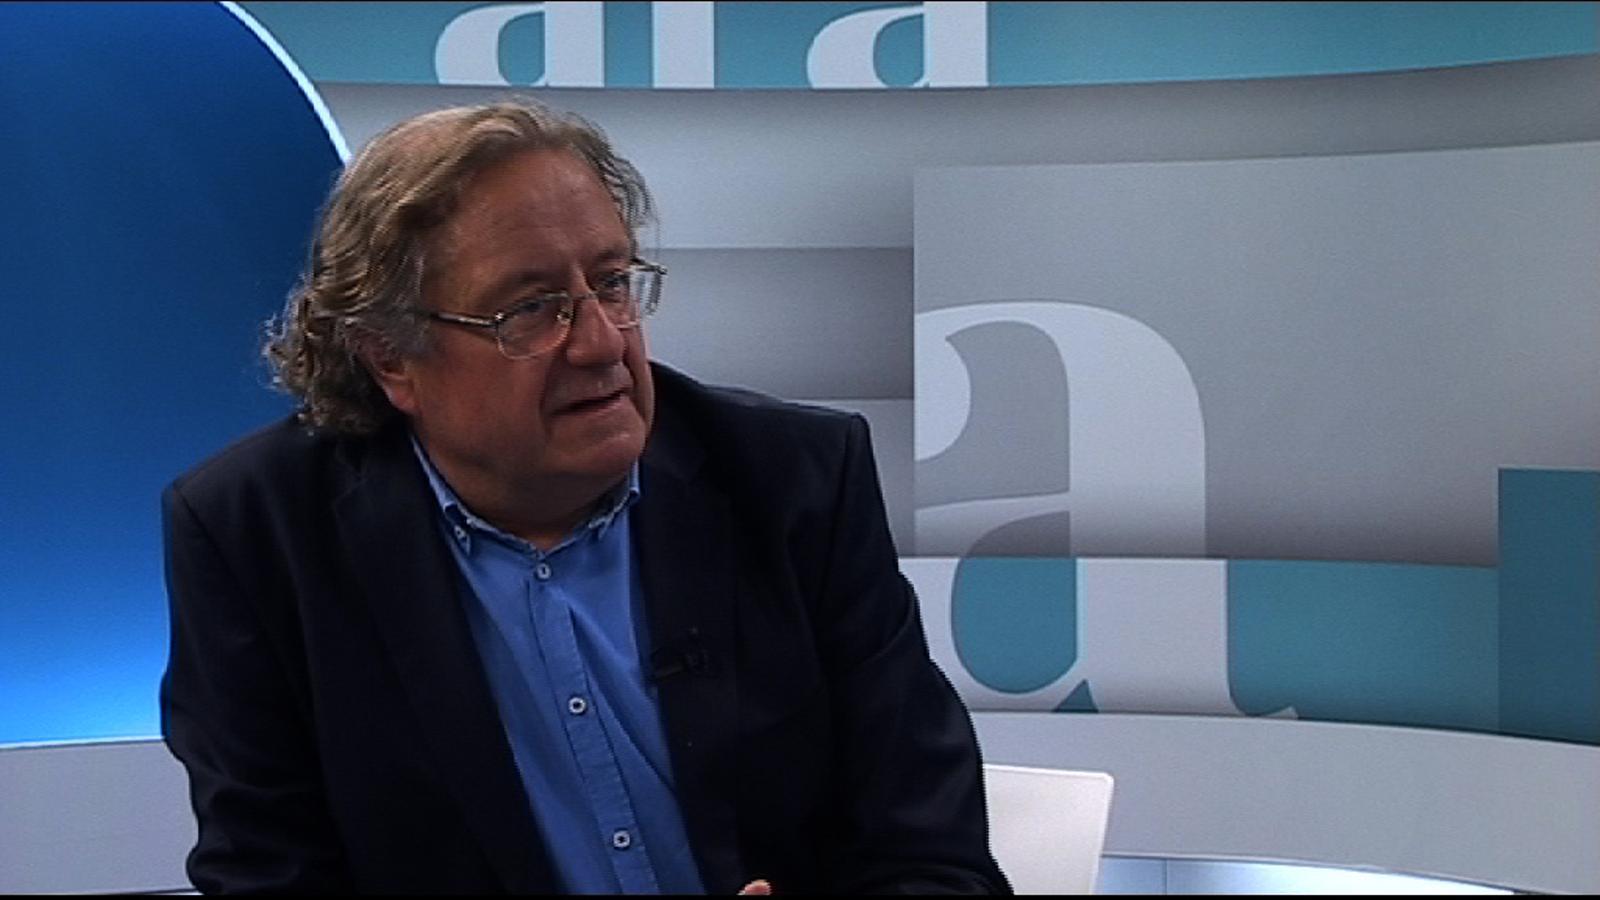 Josep Ramoneda: Si el treball no et permet viure com una persona decent, quin sentit té el sistema?